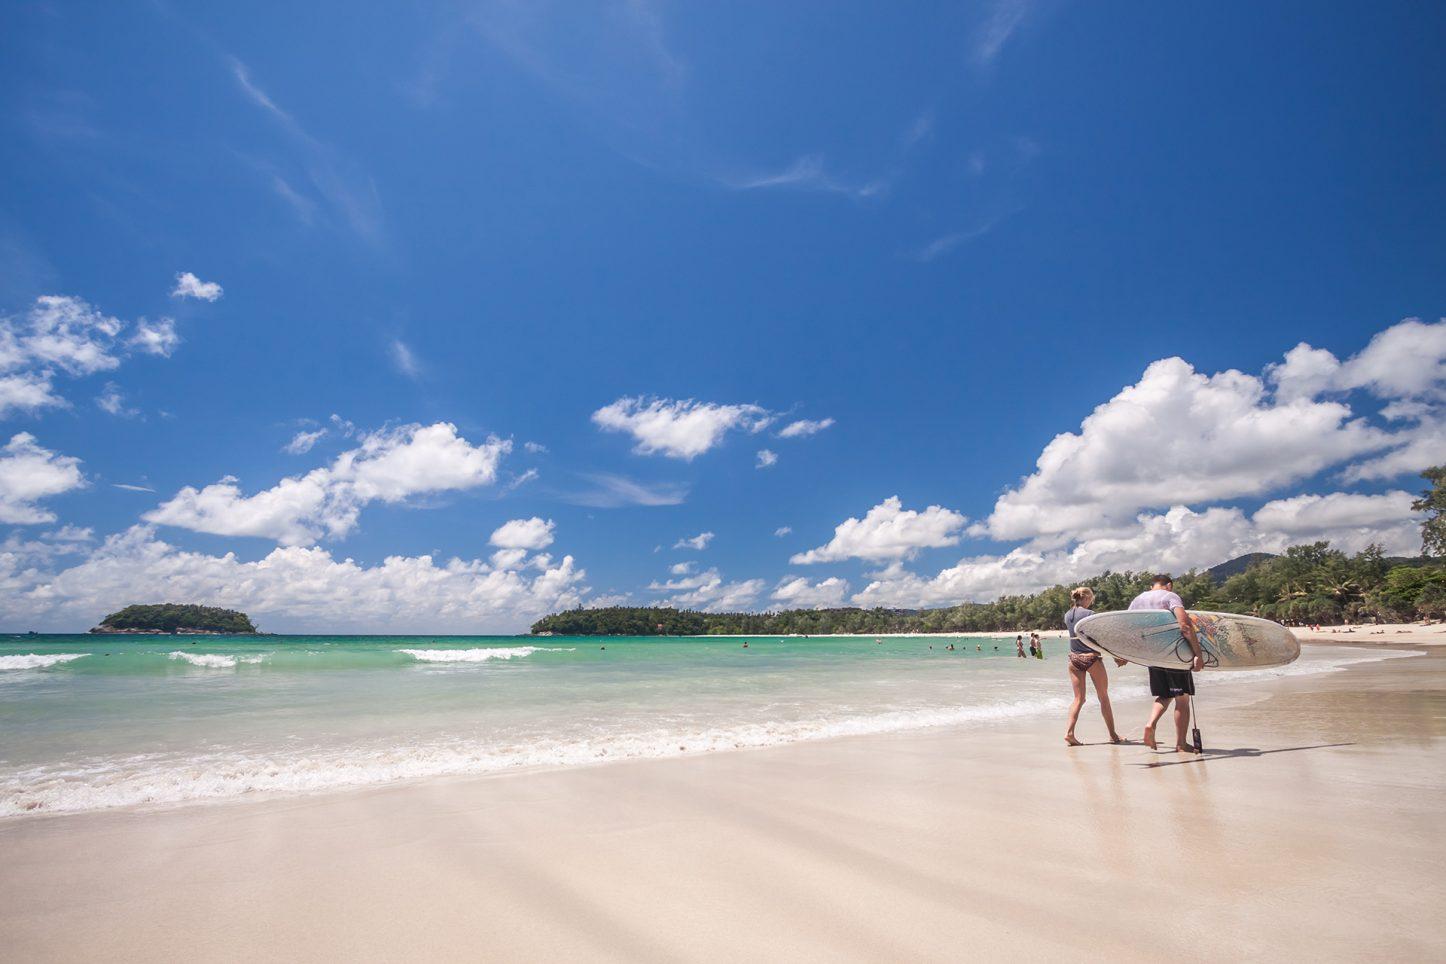 kata beach bestfynd.com